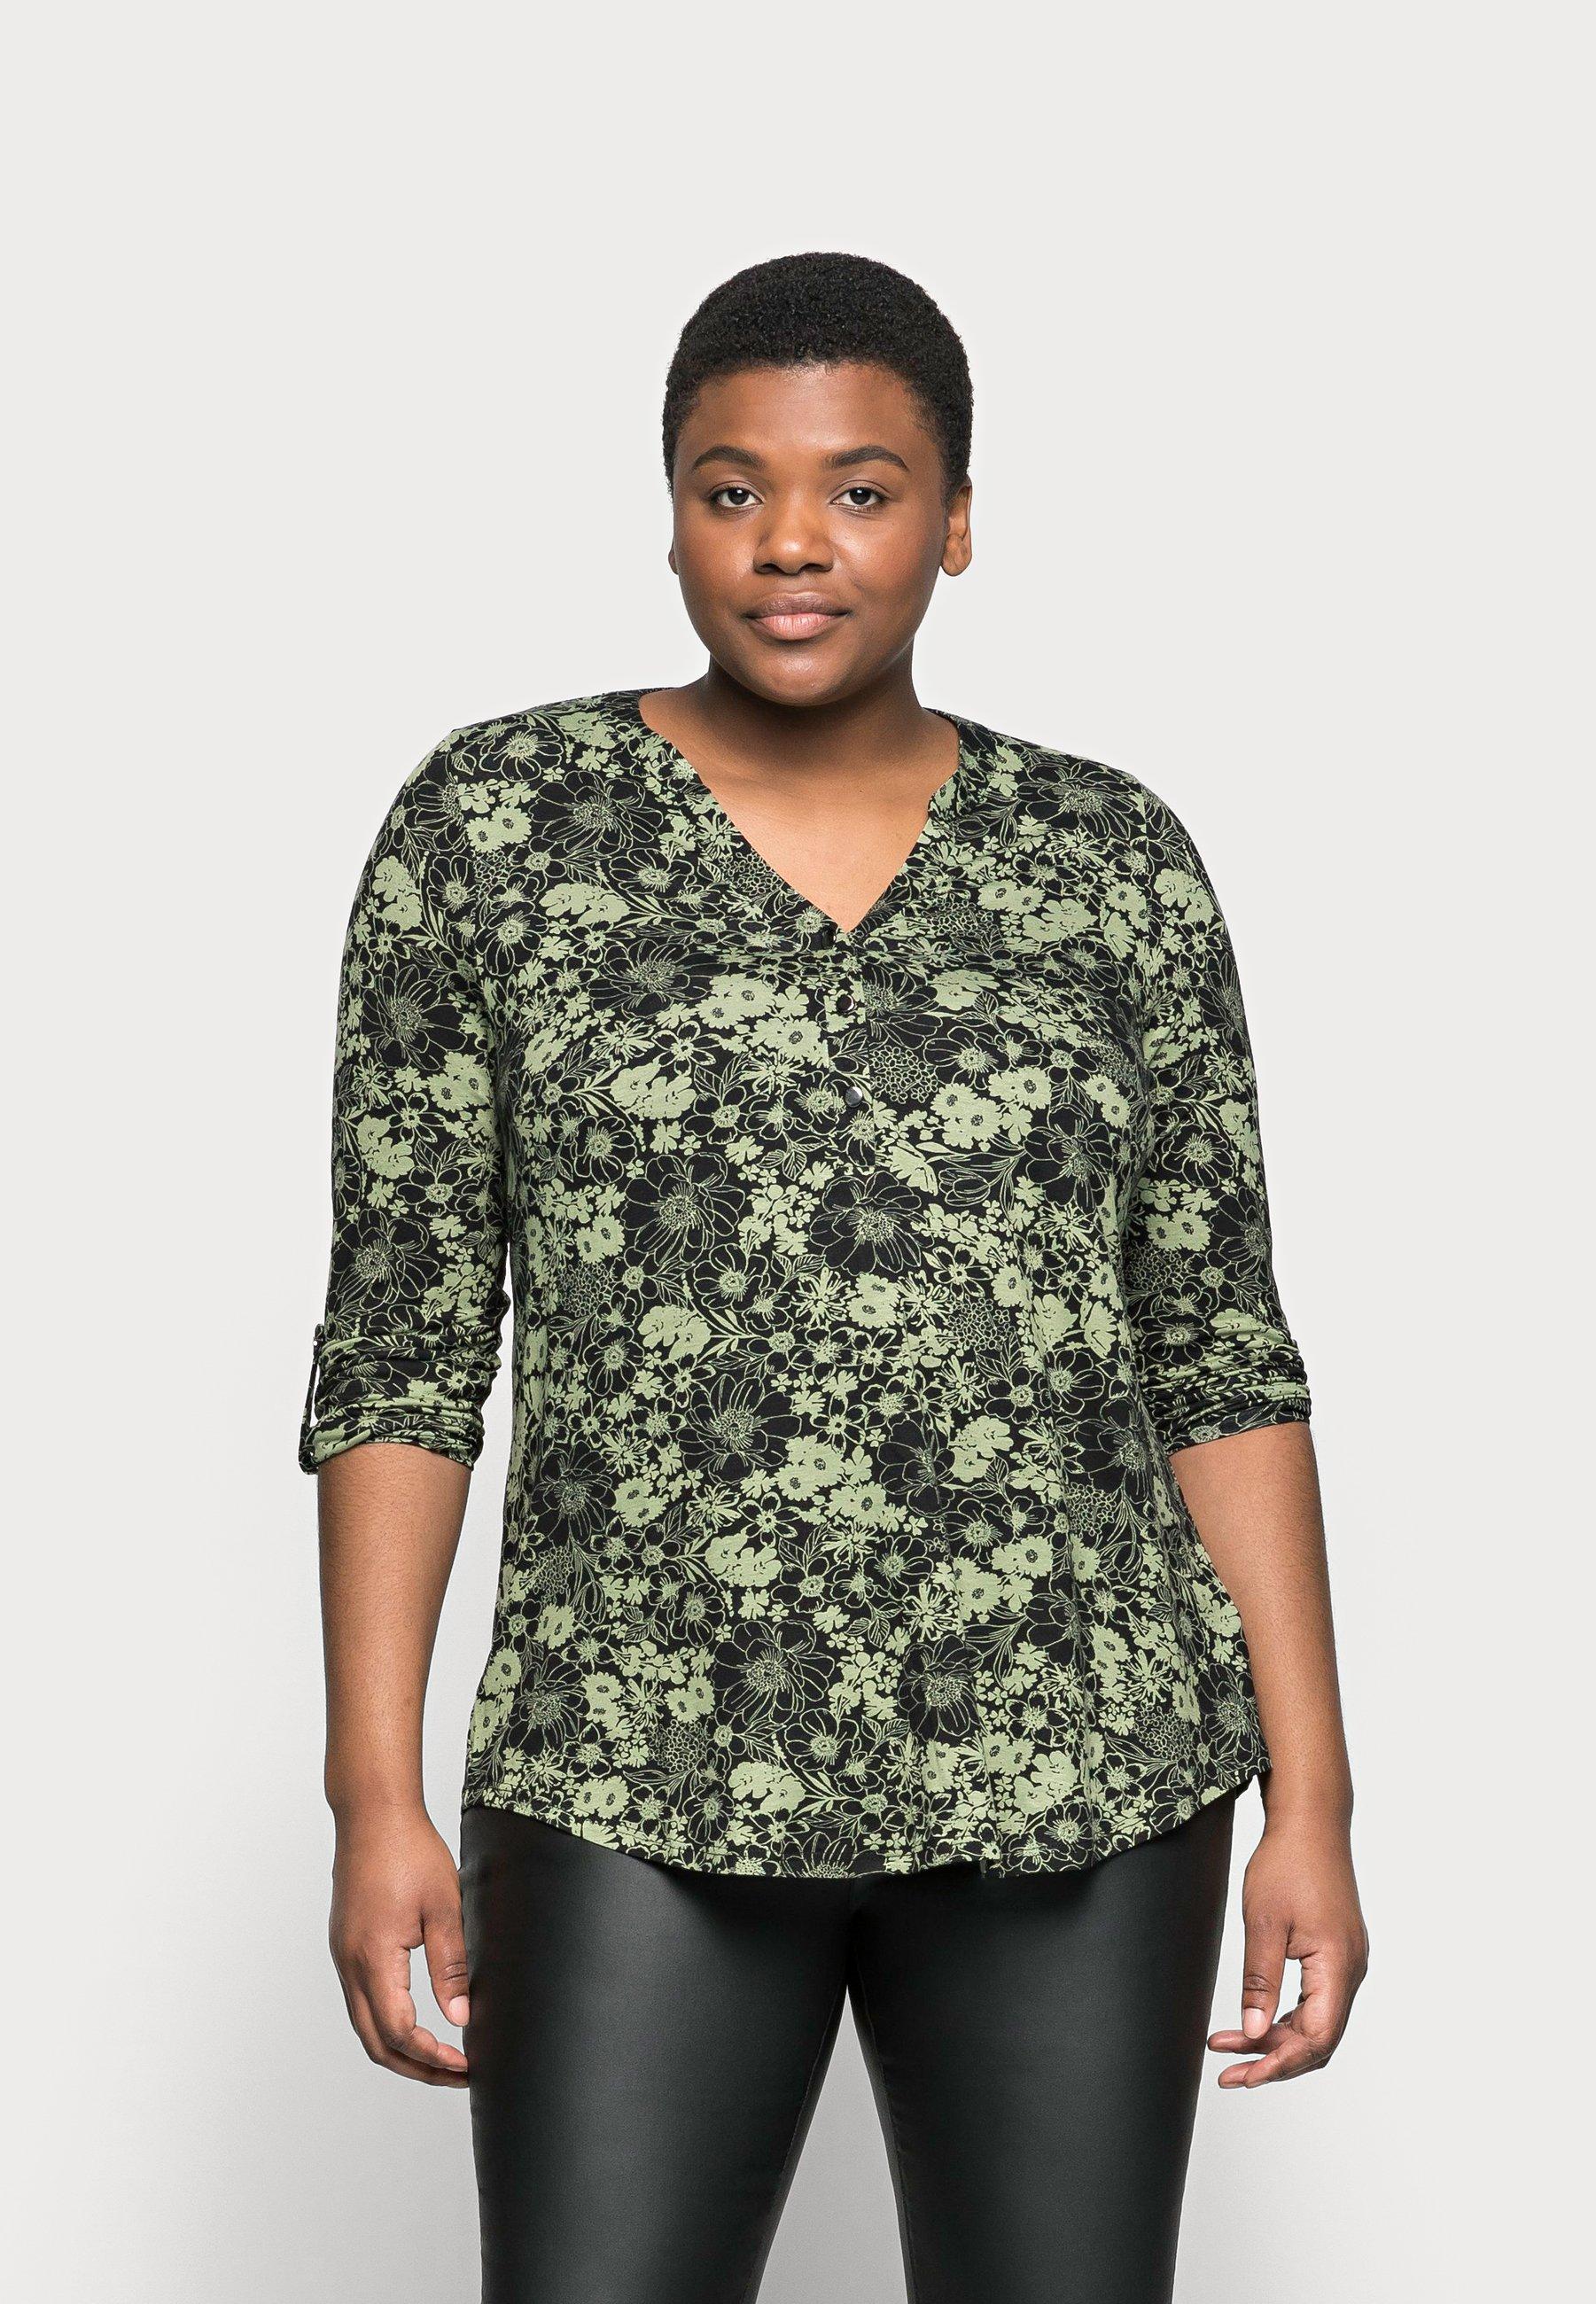 Women KHAKI FLORAL SHIRT - Long sleeved top